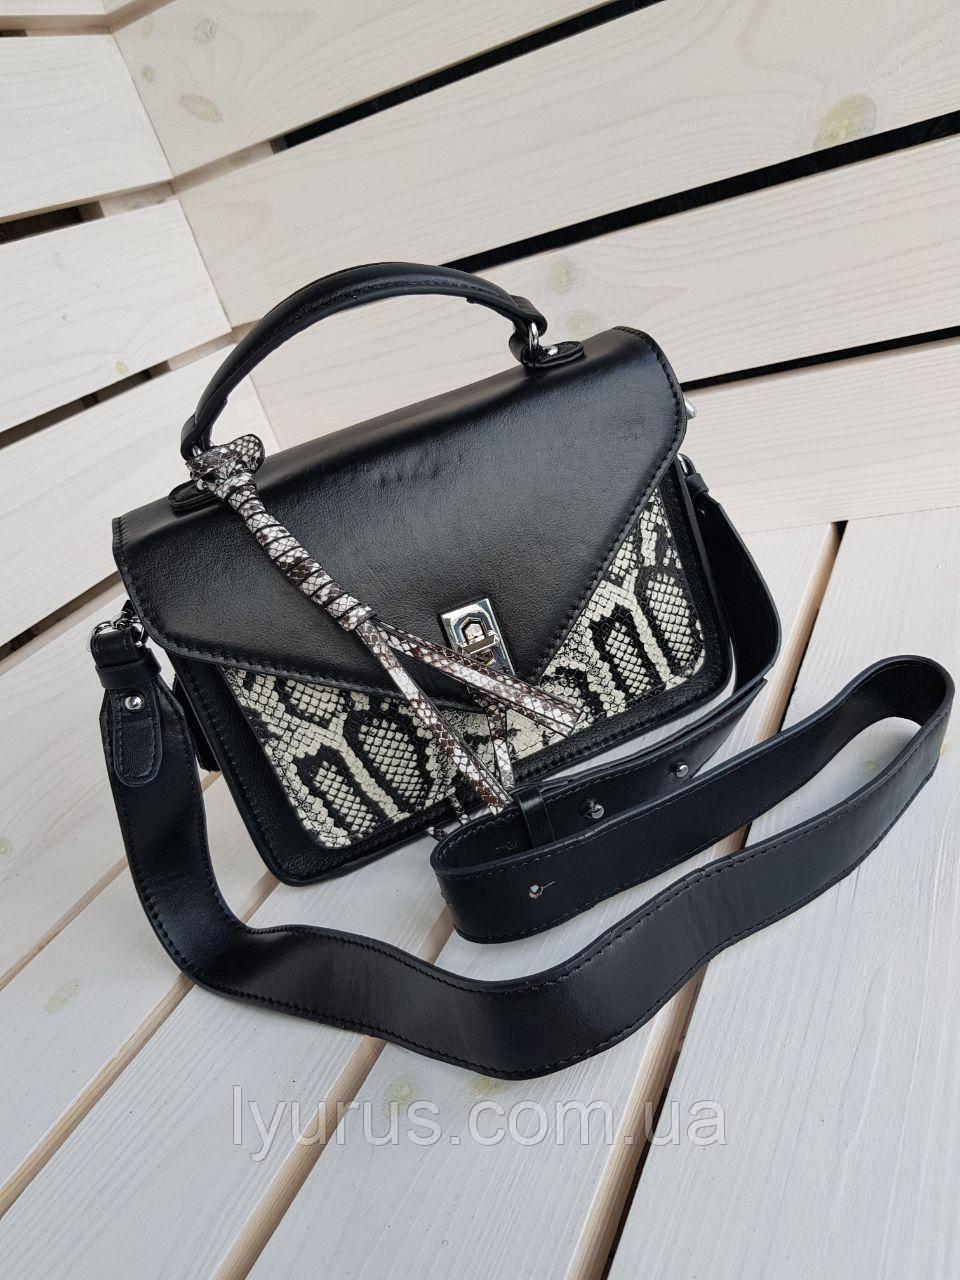 Кожаная женская сумка размером 17х22 см Черная (01111)